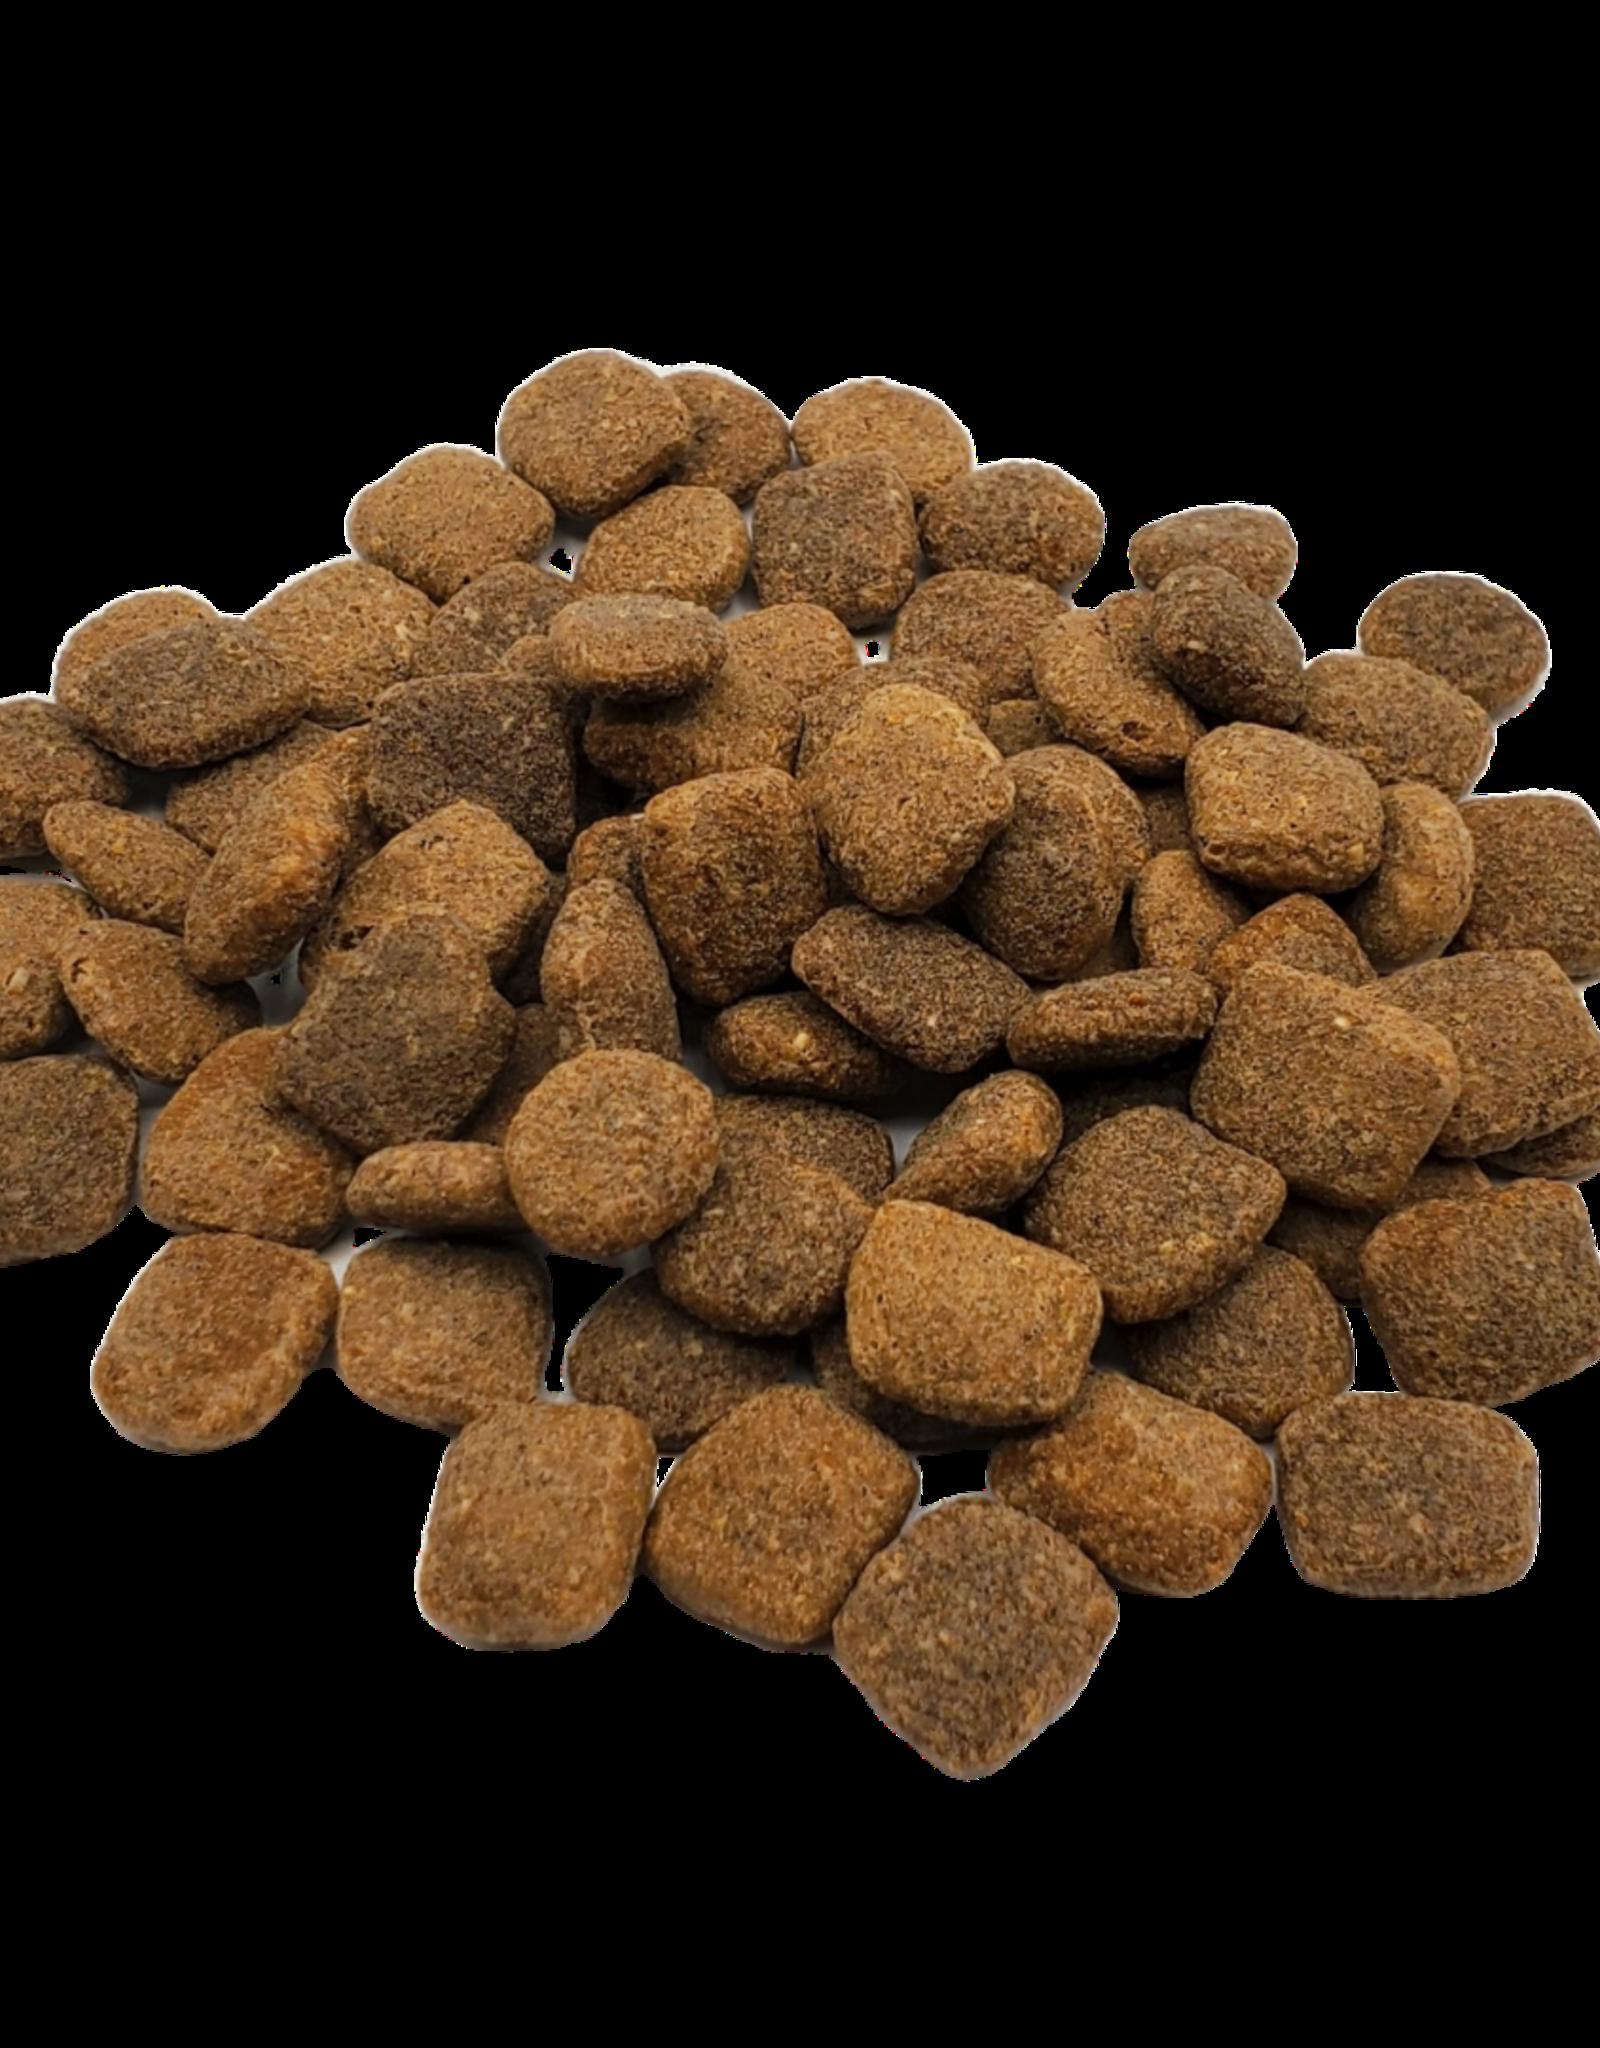 Rawz Rawz Meal Free Dehydrated Chic/Turkey Dry Dog Food